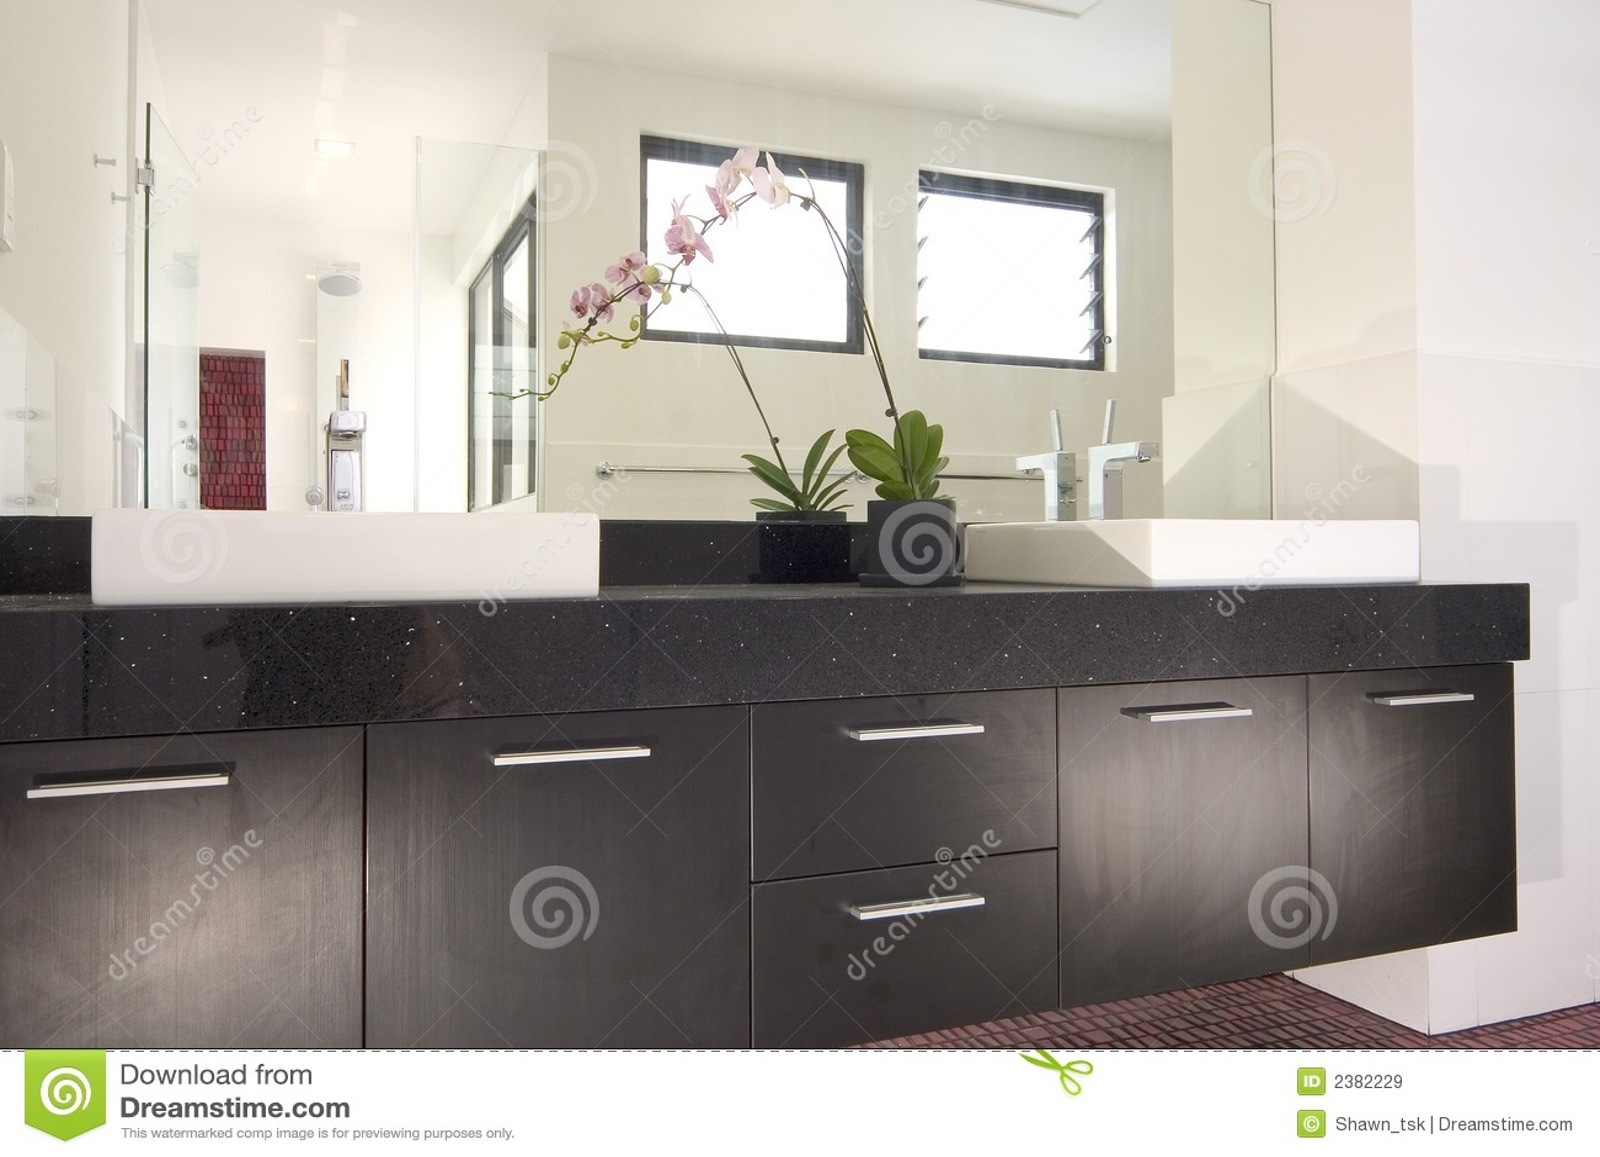 Innenarchitektur badezimmer lizenzfreie stockbilder for Innenarchitektur badezimmer